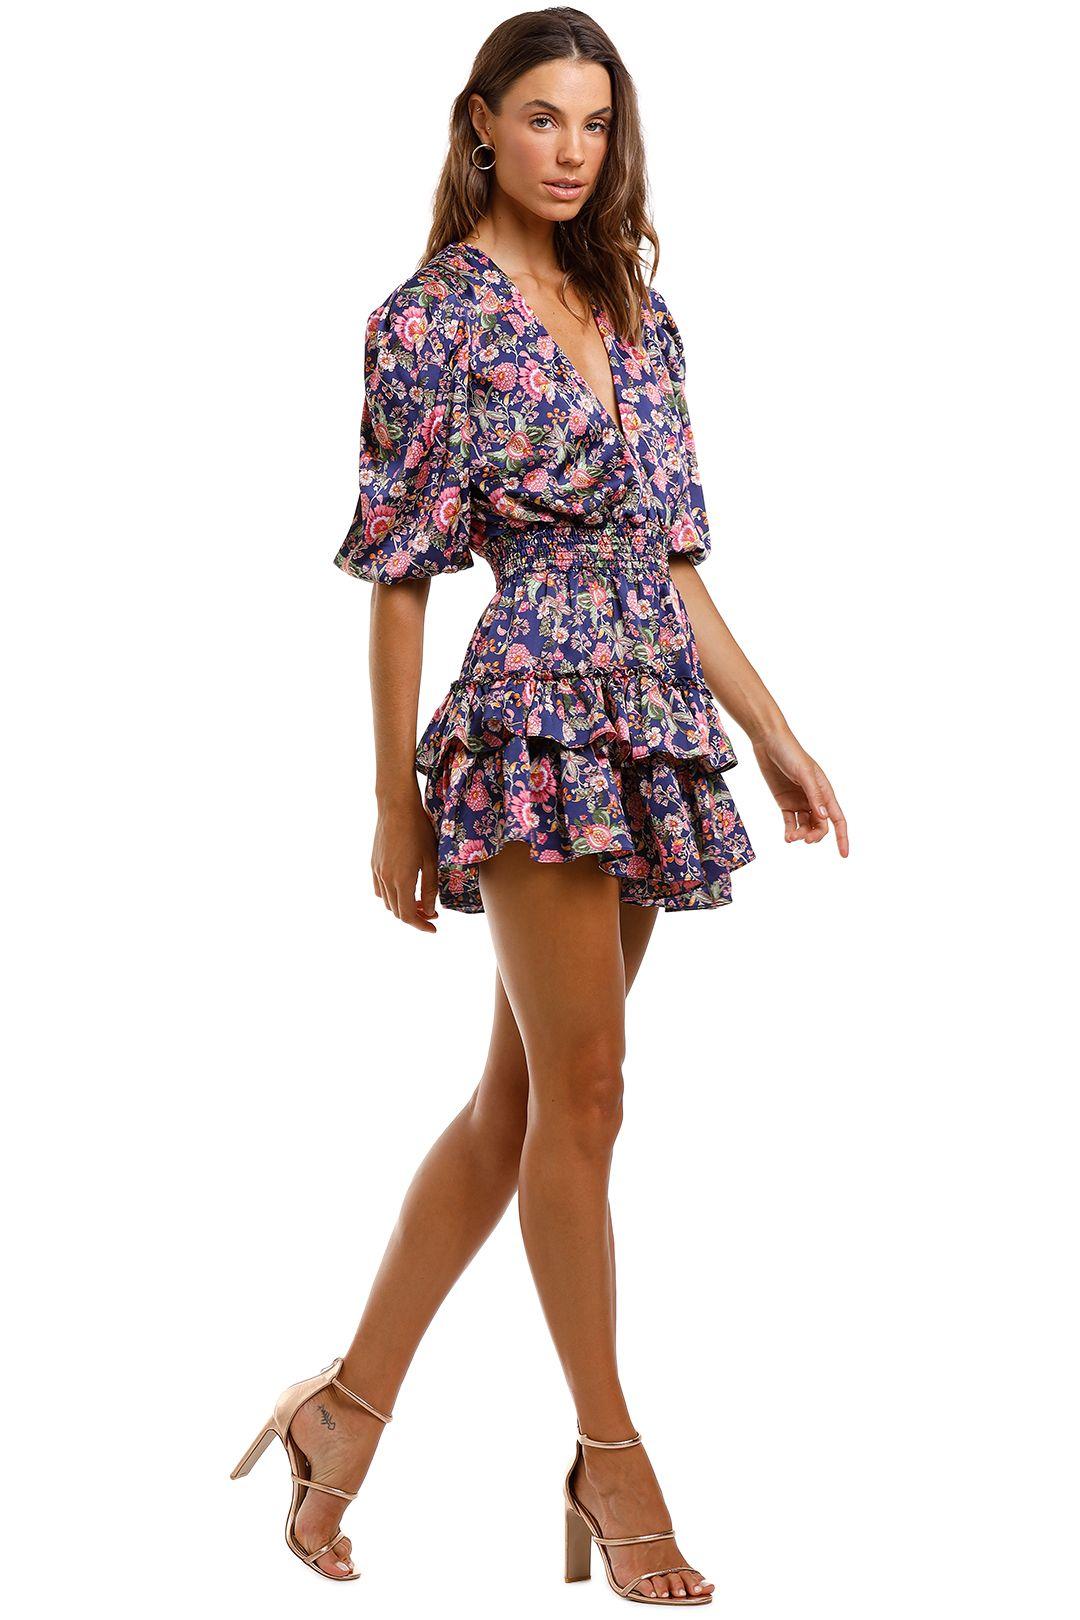 Misa LA Lilah Dress Mini